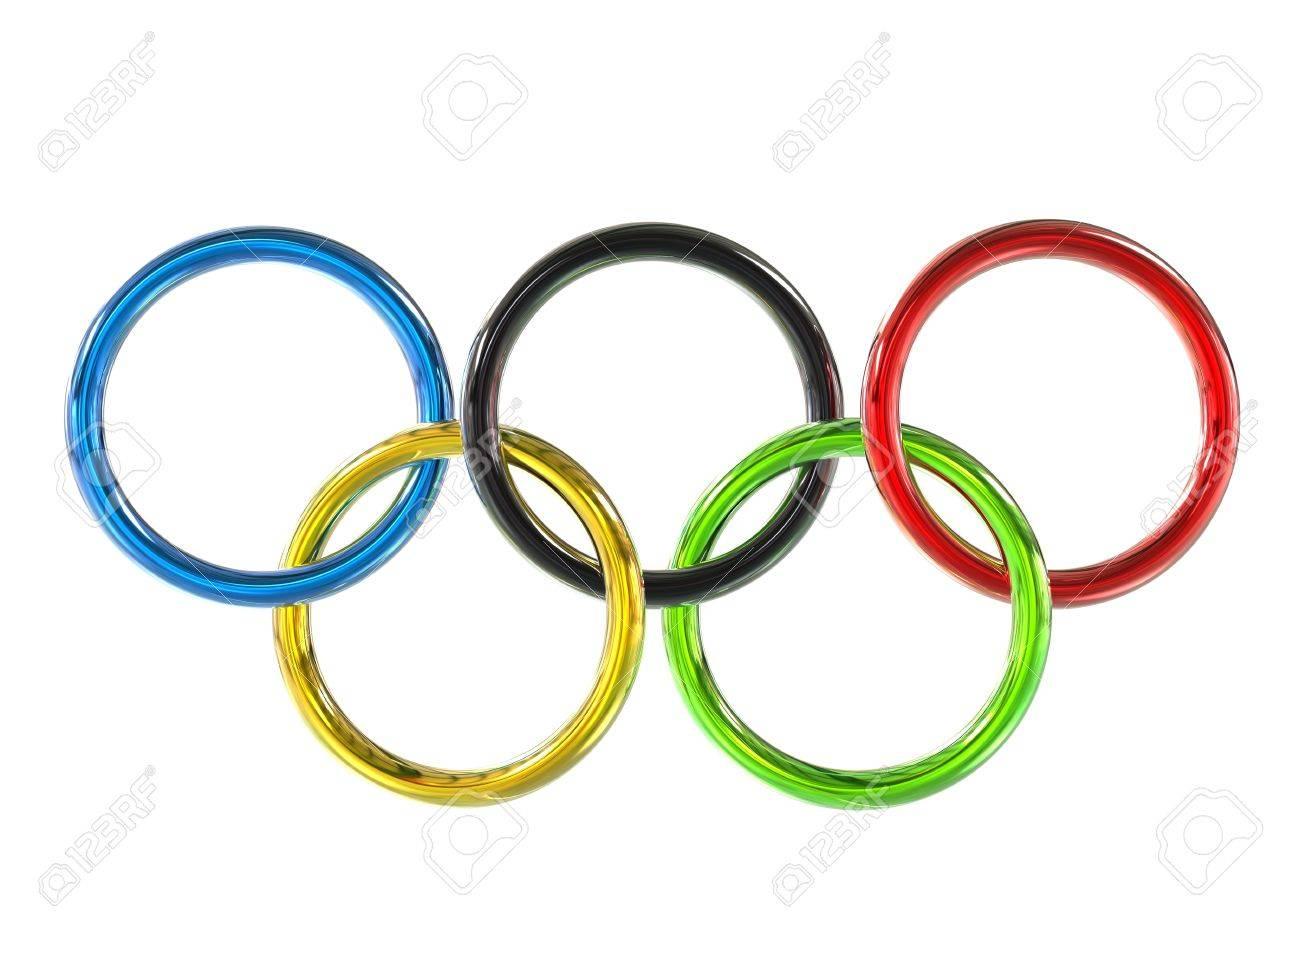 51b4ad5326f72d Anneaux jeux olympiques chrome métallique banque images jpg 1300x975 Anneaux  jeux olympiques